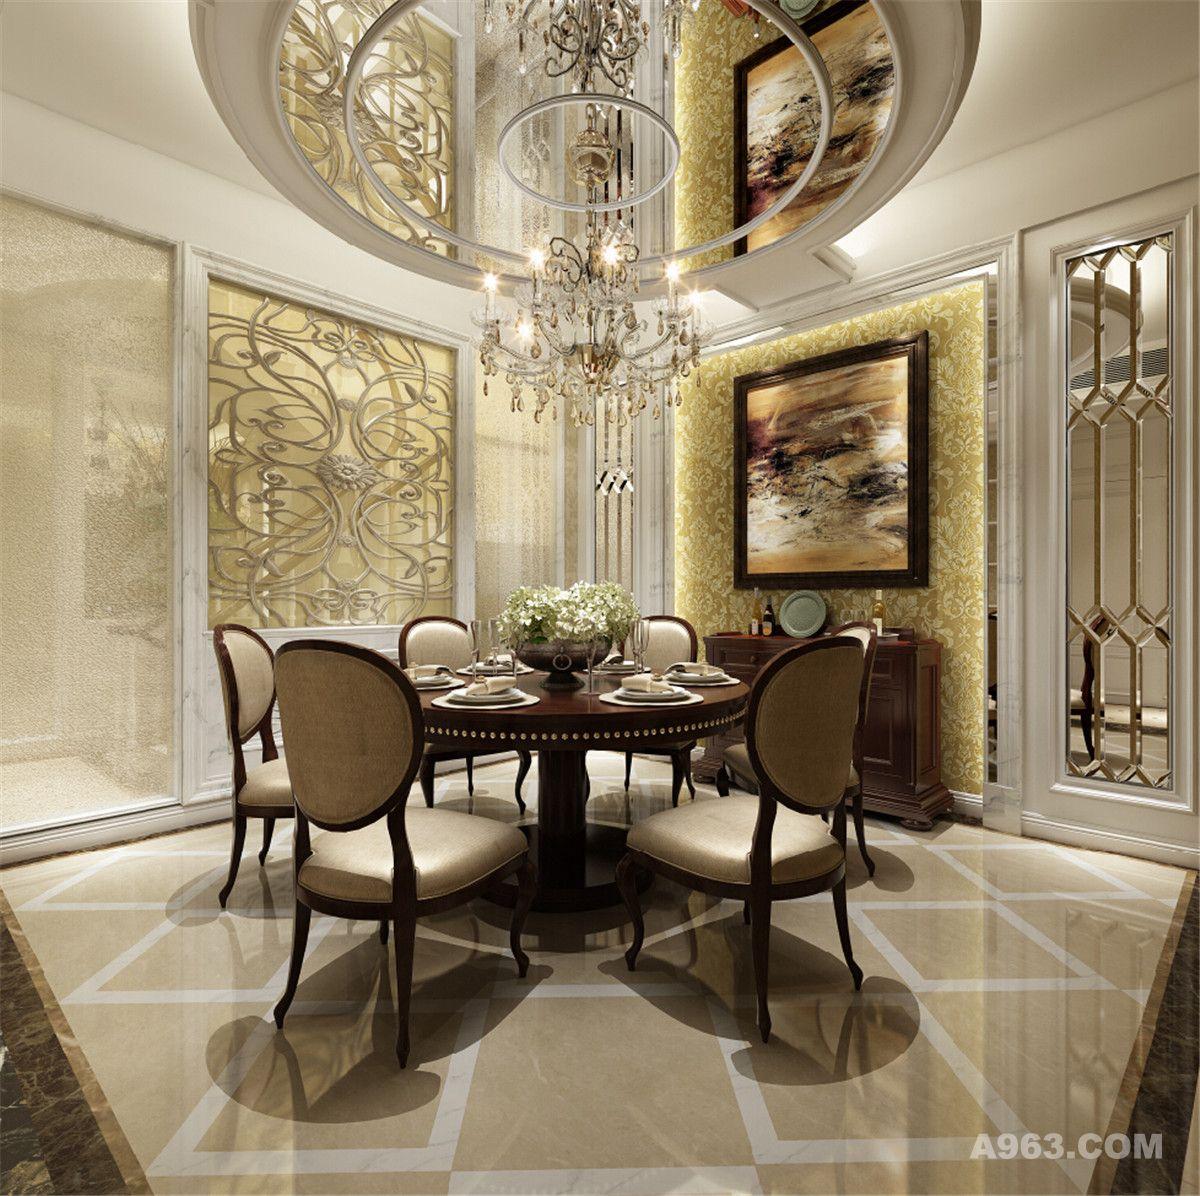 中邦艺墅别墅装修美式风格设计方案展示说明